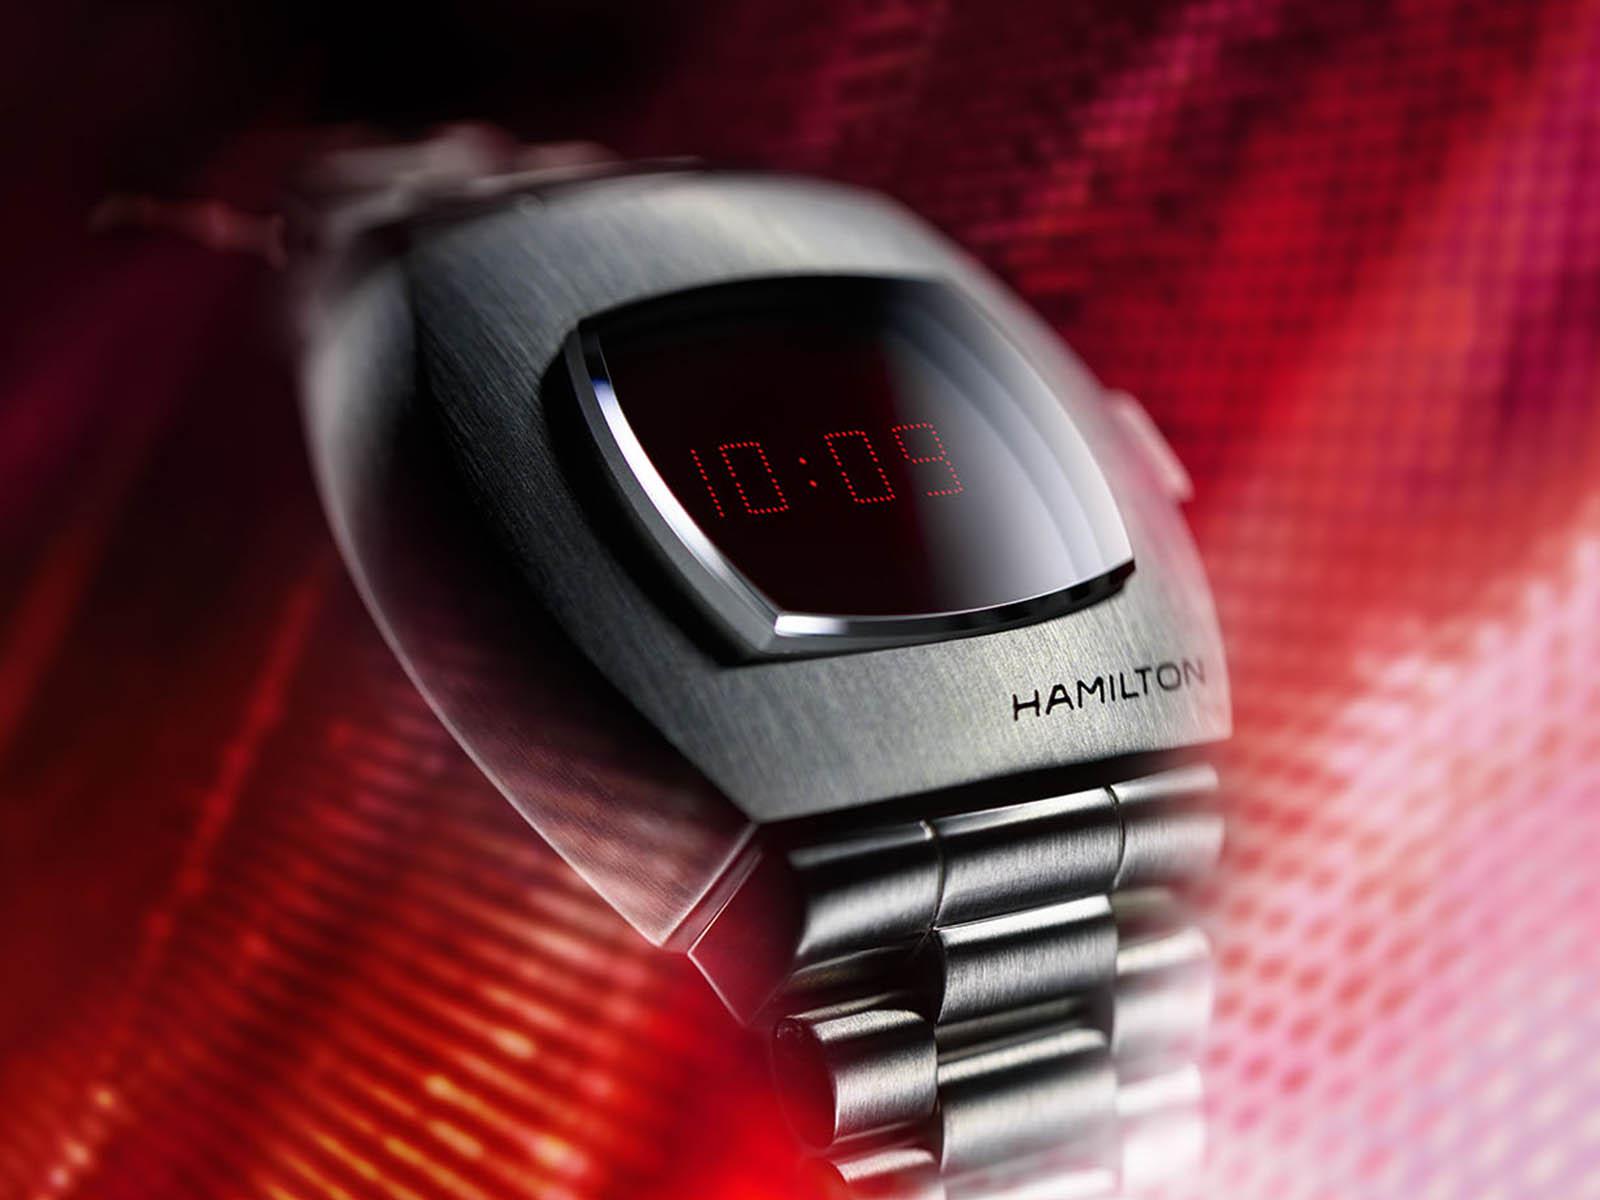 h52414130-hamilton-psr-1.jpg